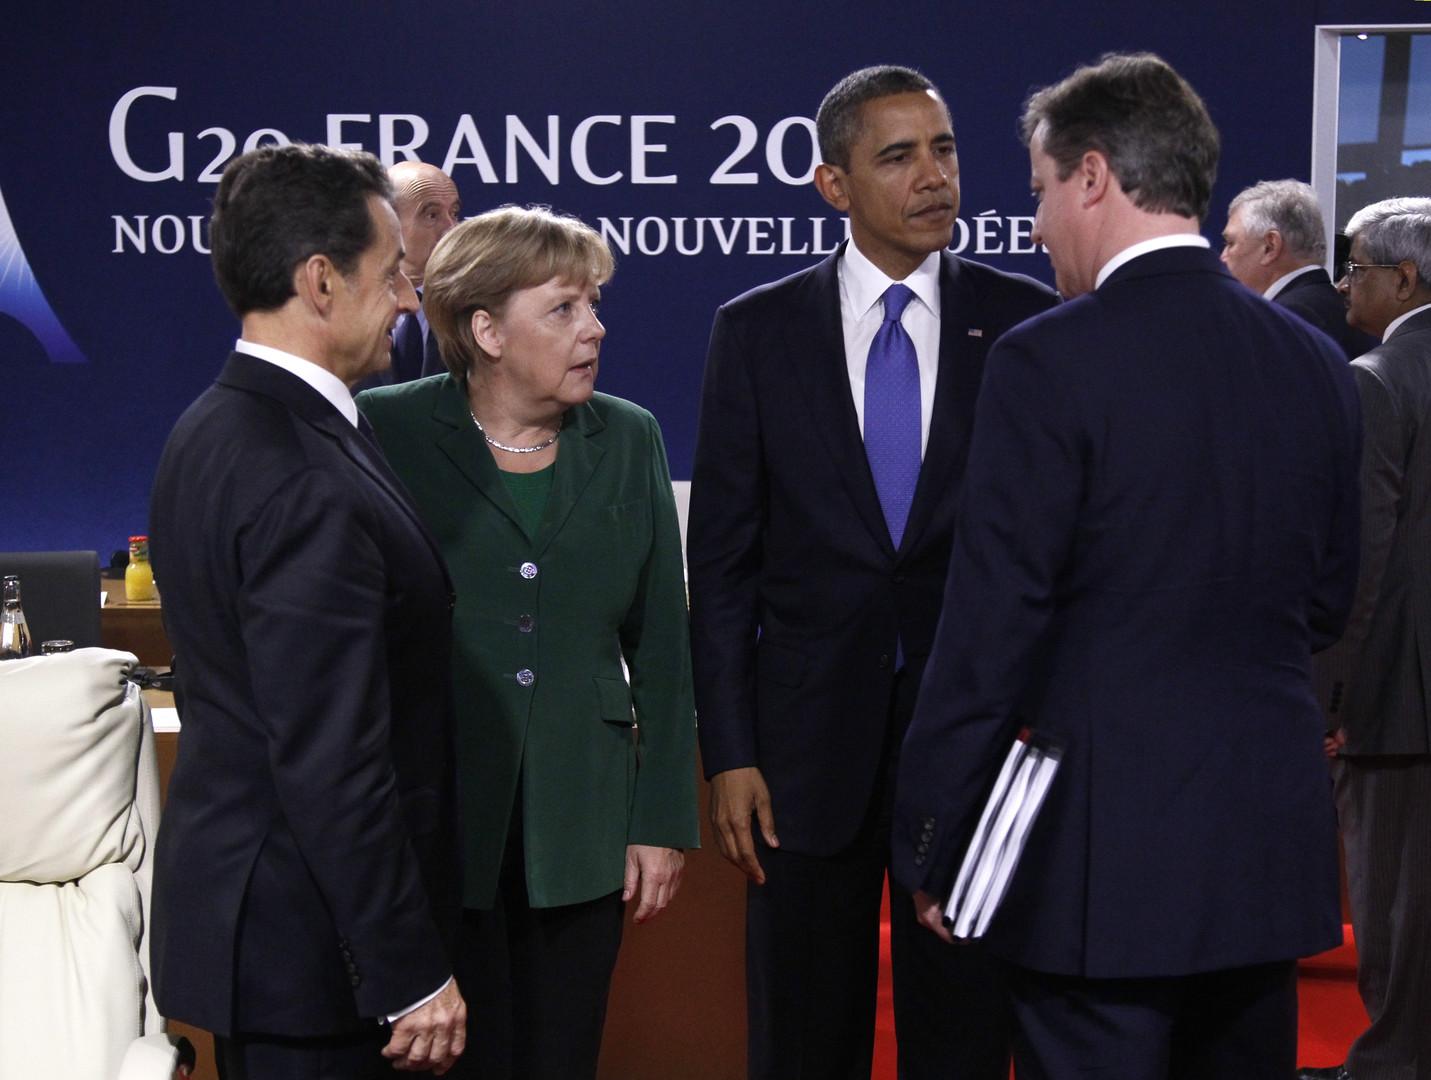 Schnell mit etwas anderem beschäftigt: David Cameron bei einem Treffen mit Nicolas Sarkozy, Angela Merkel und Obama vor dem G20-Gipfel in Cannes im November 2011.